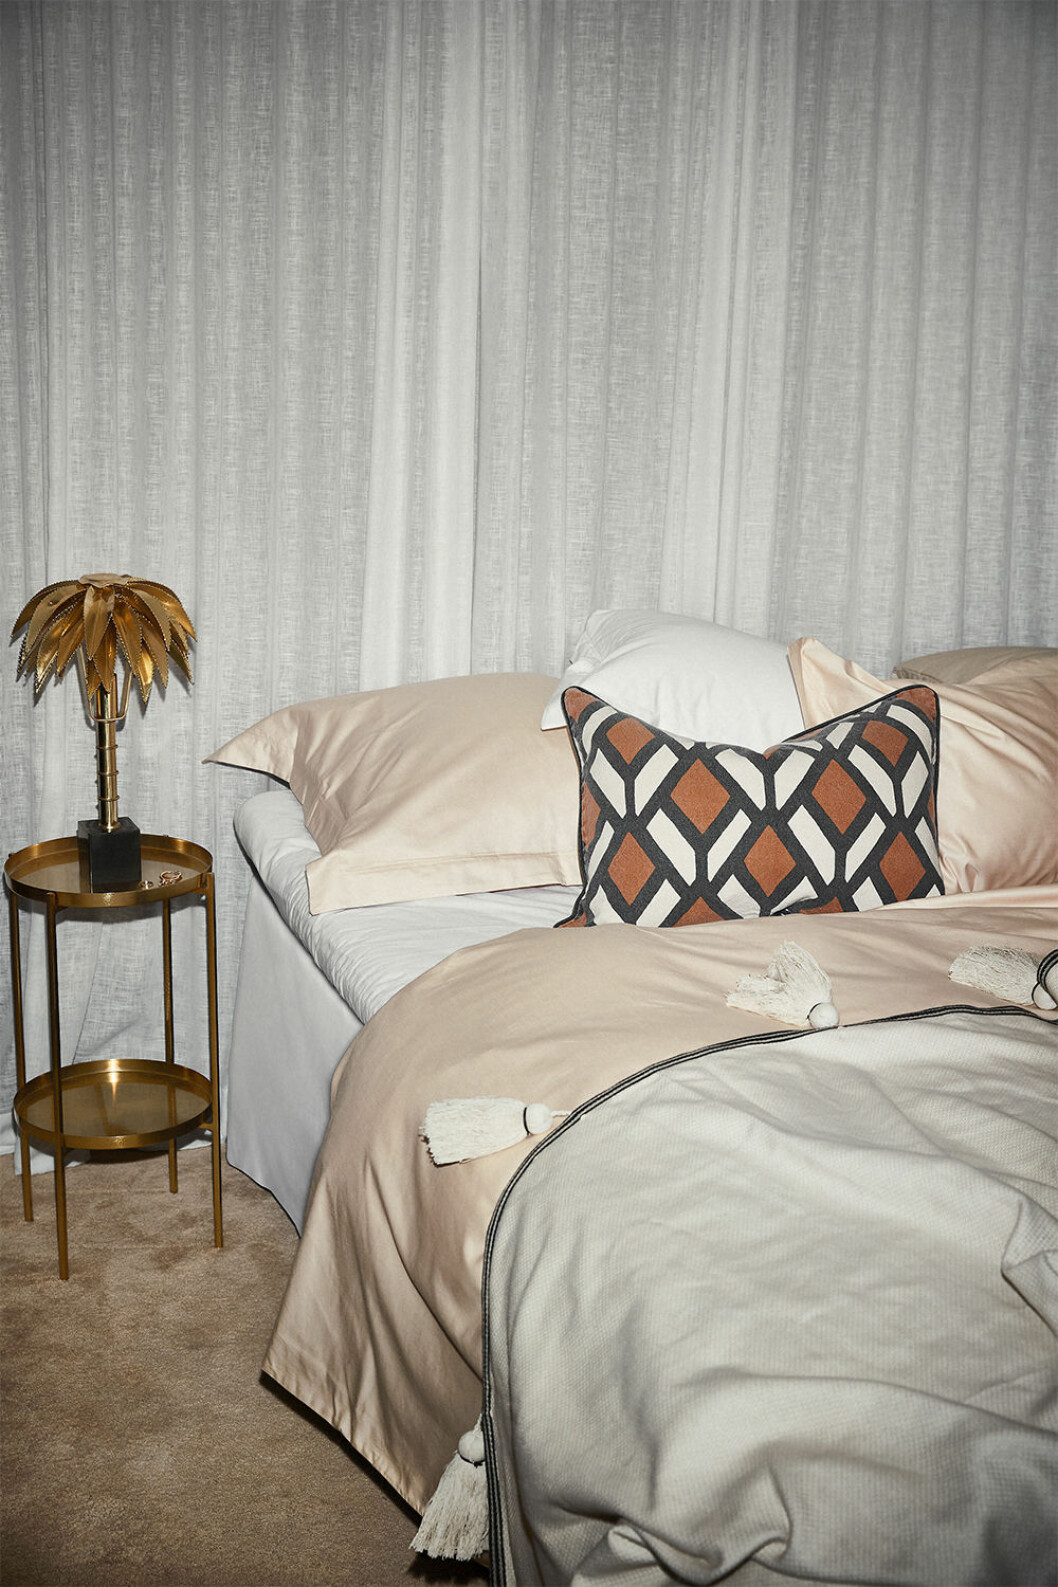 Sängkläder och detaljer från Ellos Homes staycation-kollektion